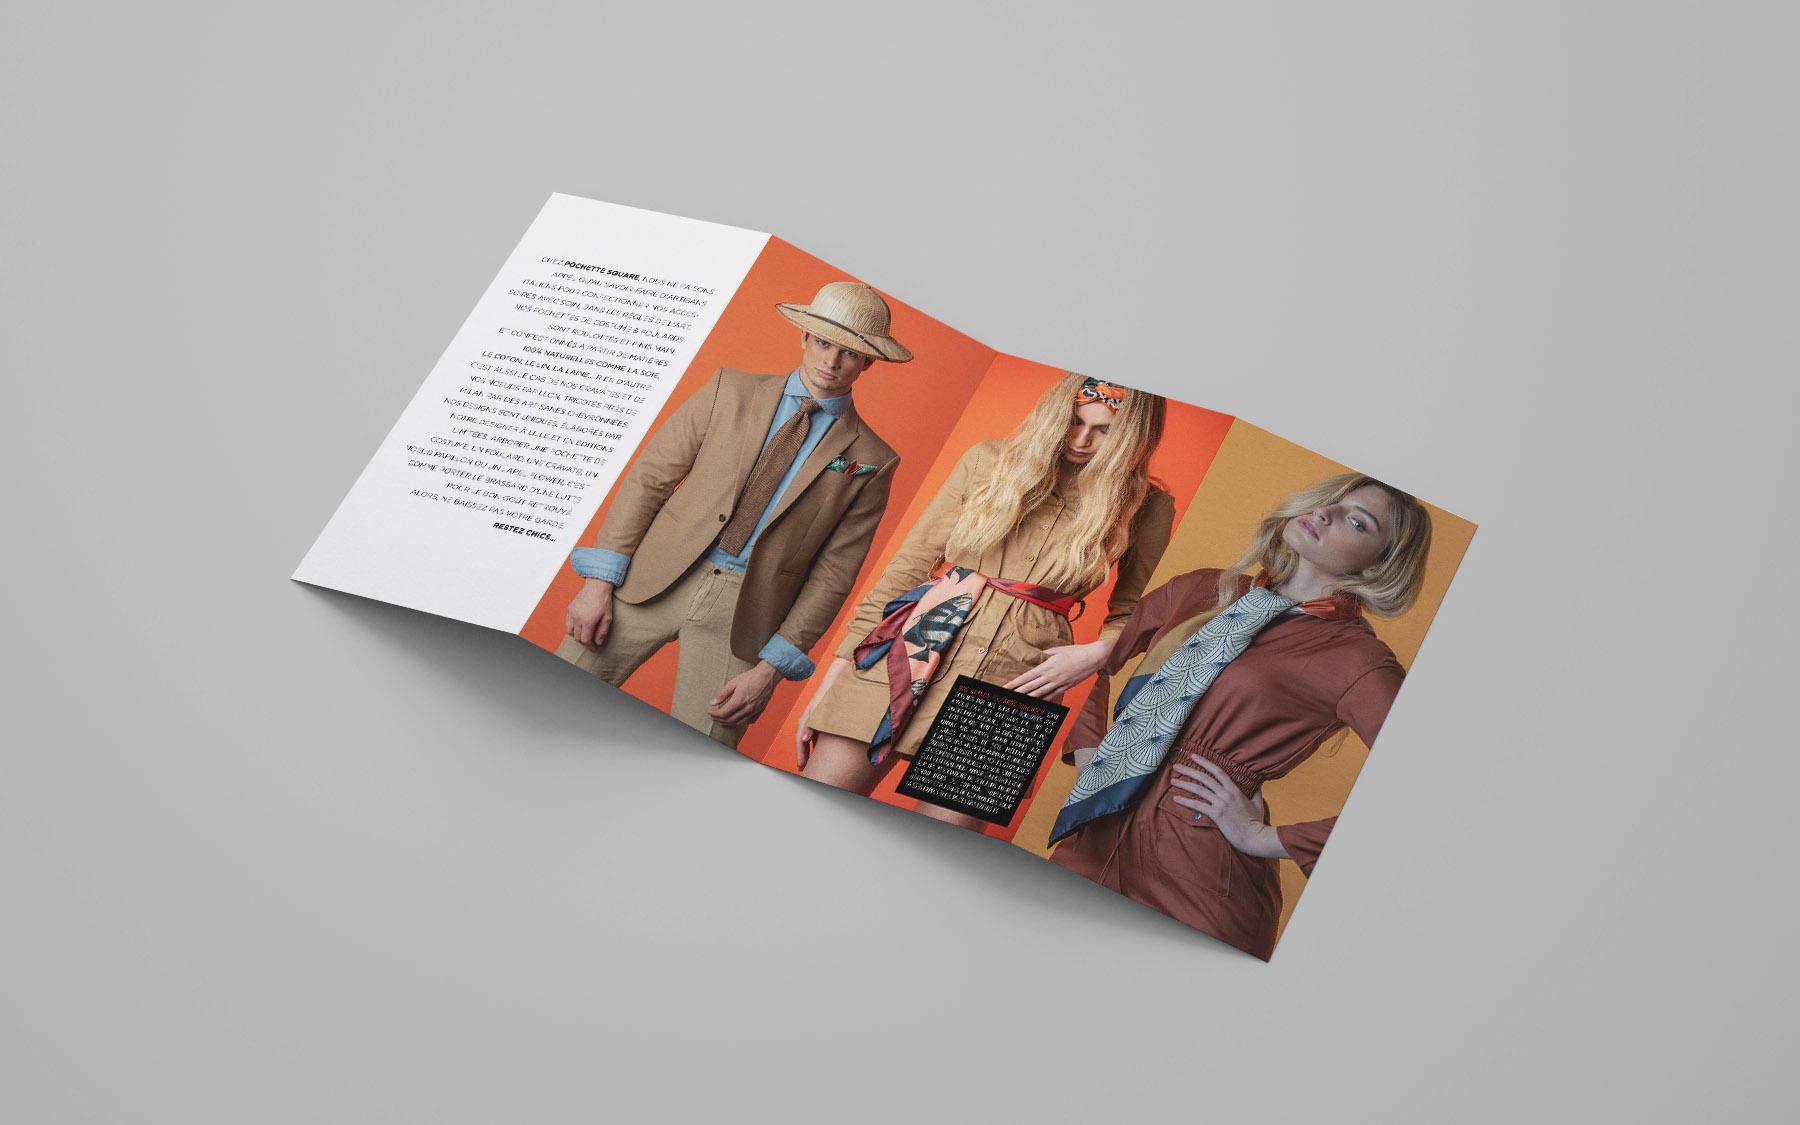 Création de contenu, photos de mode, photos produits réalisés à Lille pour Pochette Square par le photographe Lillois Laurent Scavone. Conception, création et direction artistique réalisation par l'agence de communication Lilloise Sakkamoto.